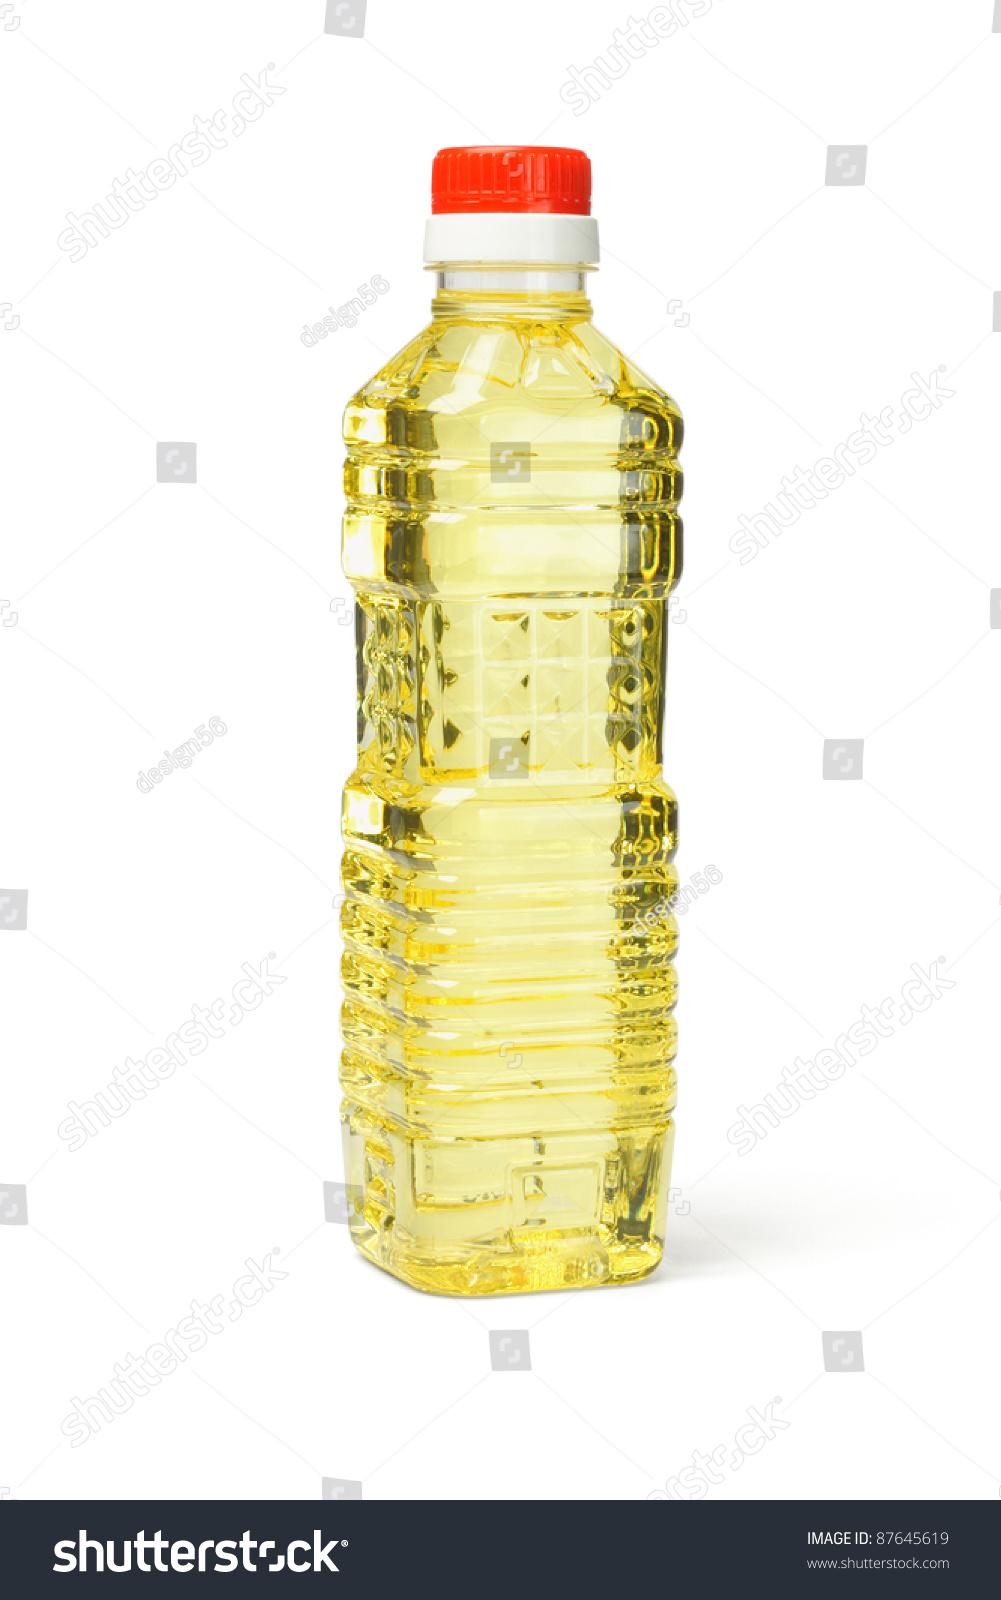 Plastic Bottle Of Vege...